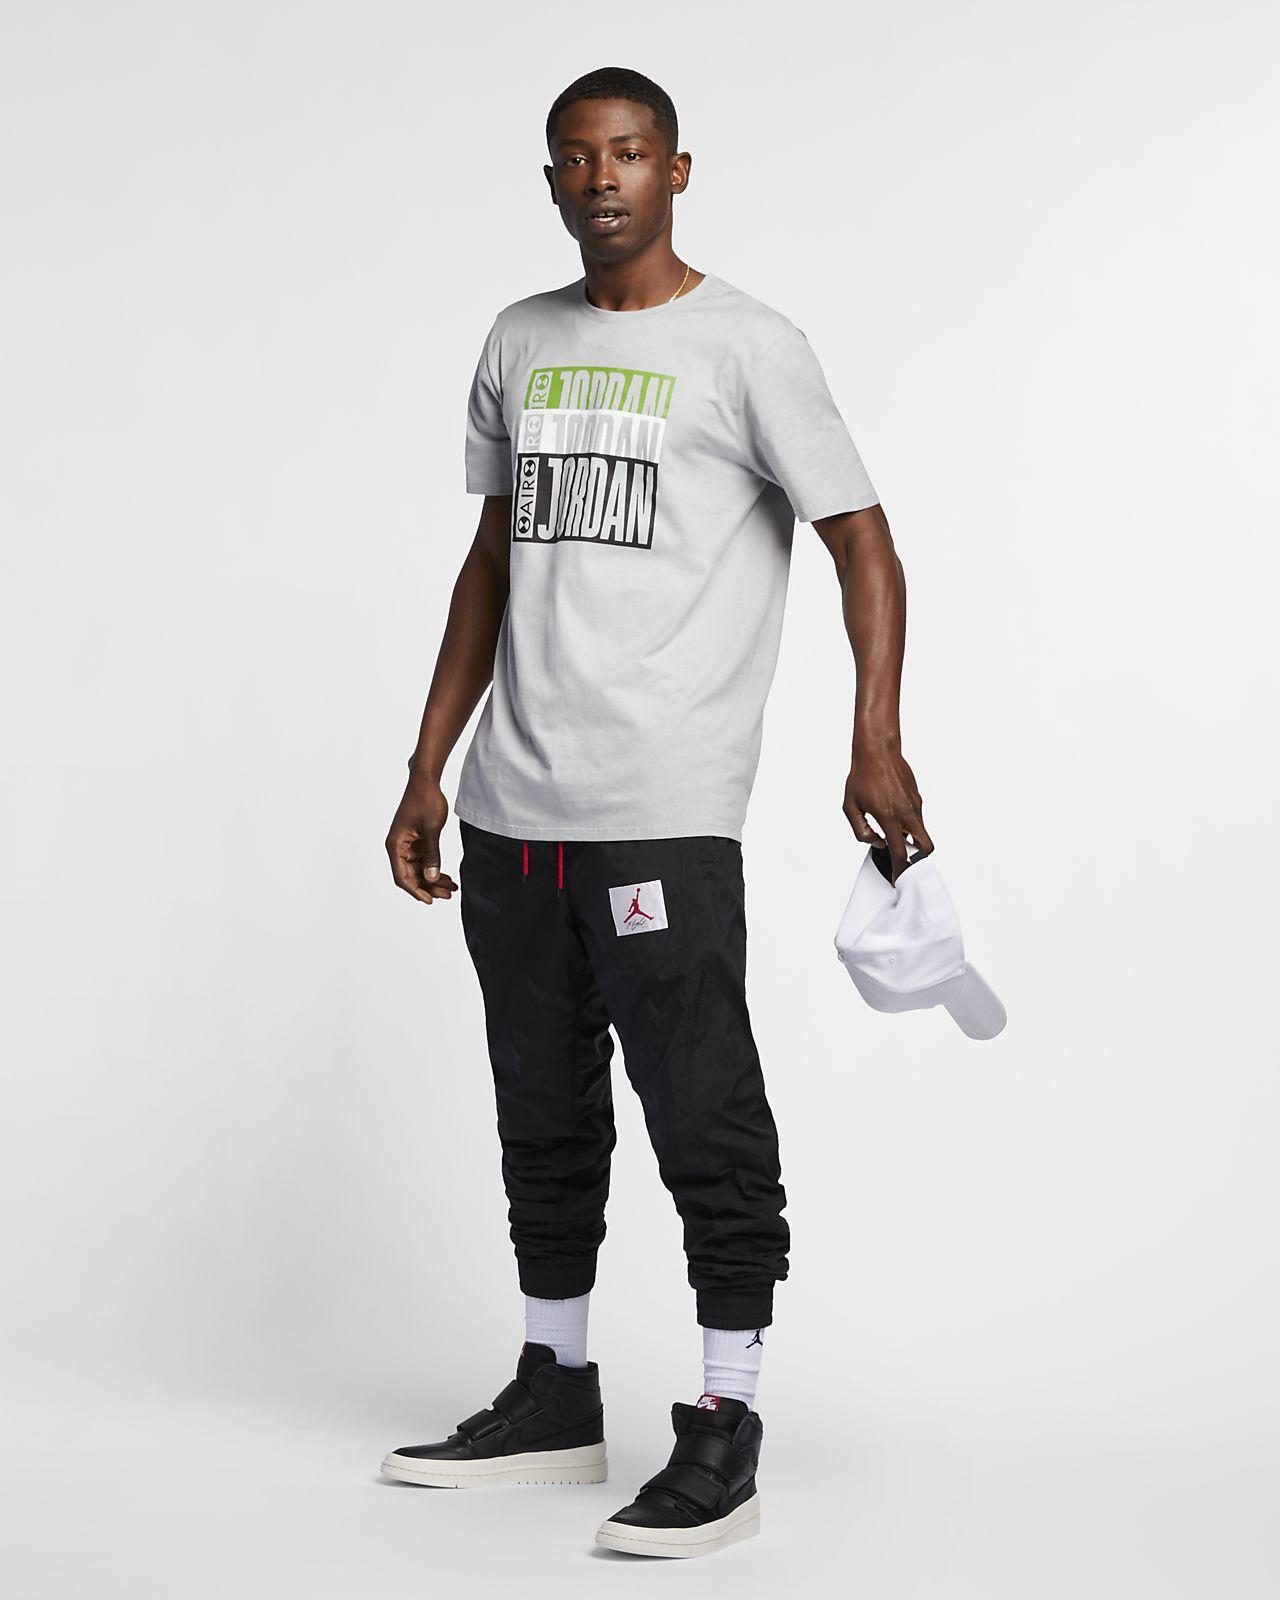 f55e7214 Jordan Legacy AJ 3 Tinker Men's T-Shirt . Nike.com